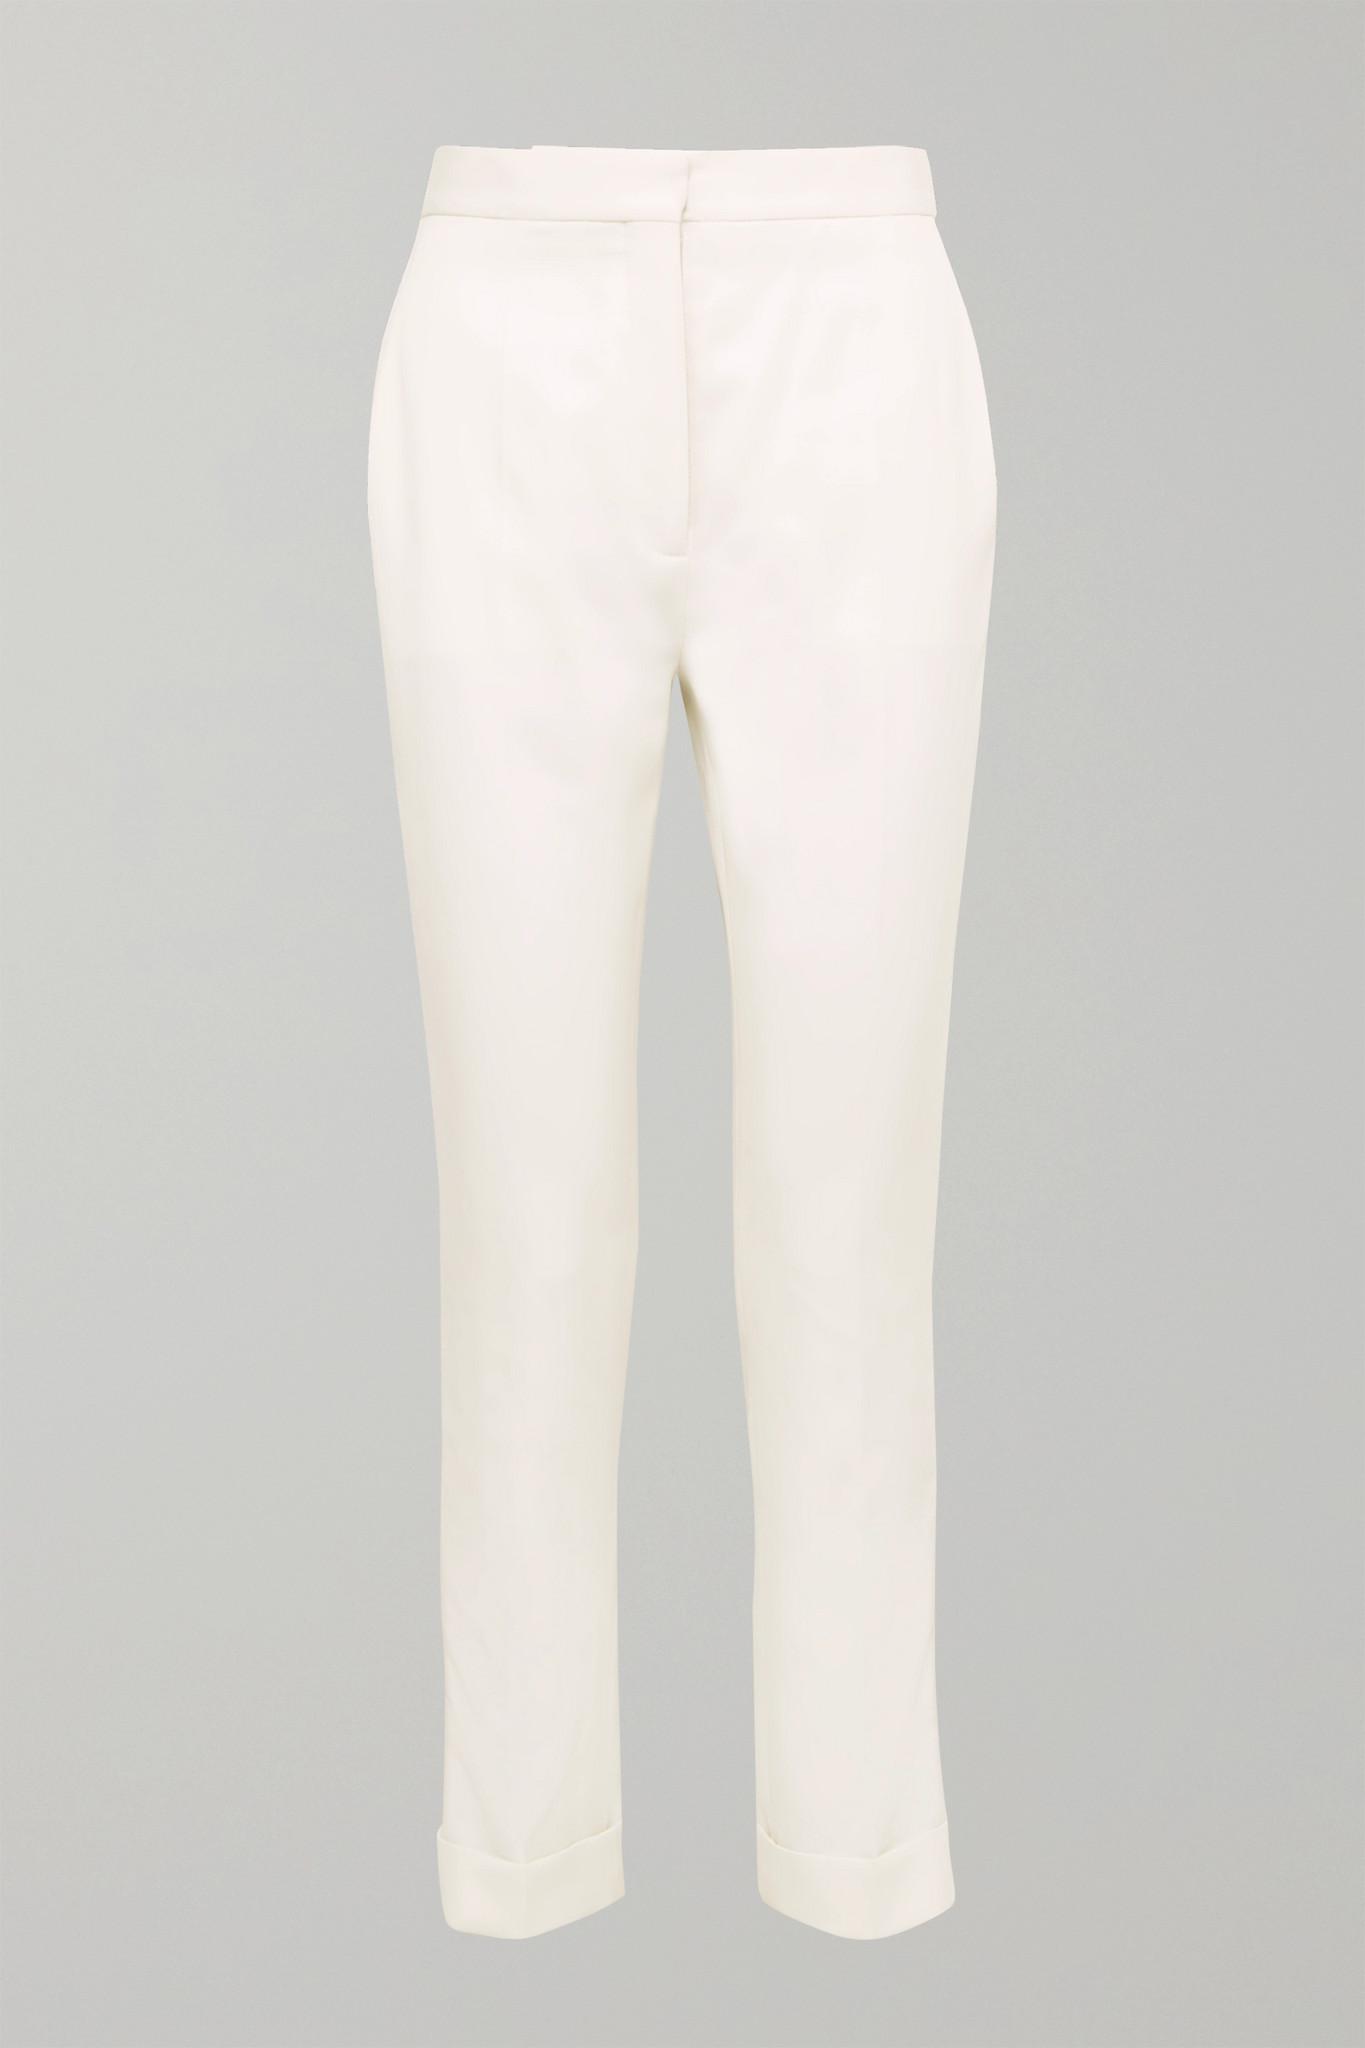 STELLA MCCARTNEY - Satin-trimmed Grain De Poudre Wool Pants - Ivory - IT40